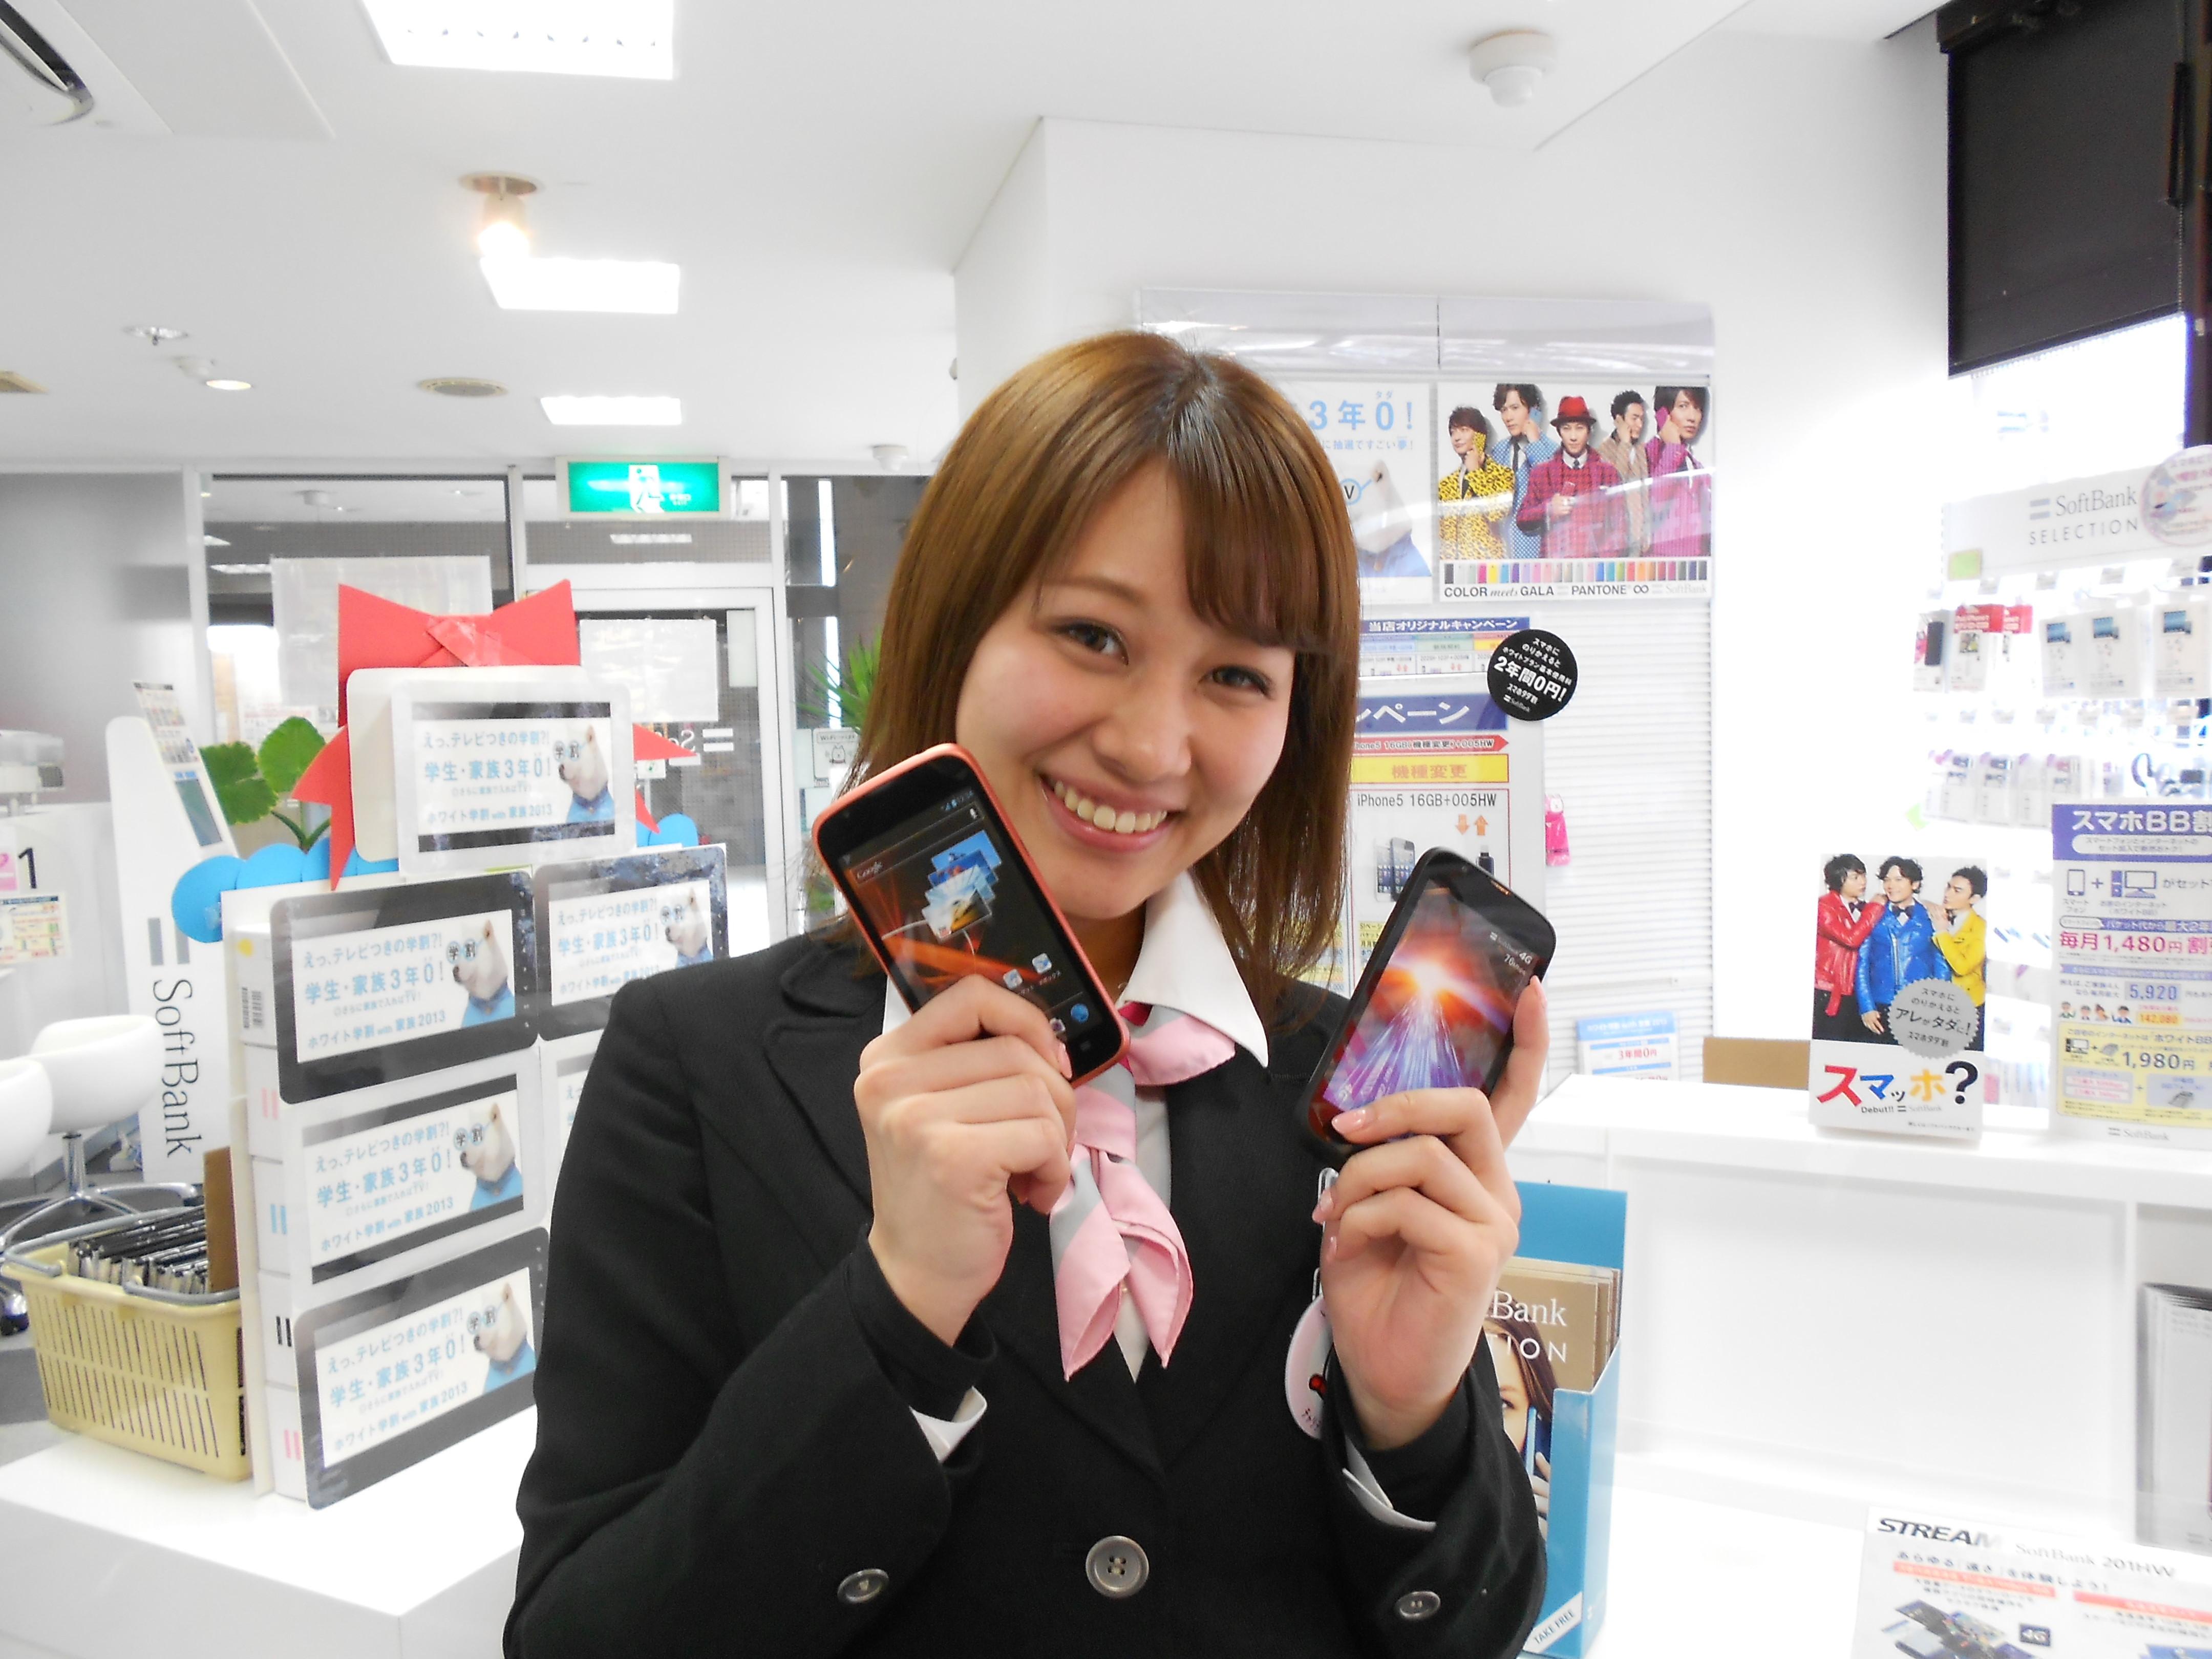 ソフトバンク 二子玉川(株式会社シエロ)のアルバイト情報